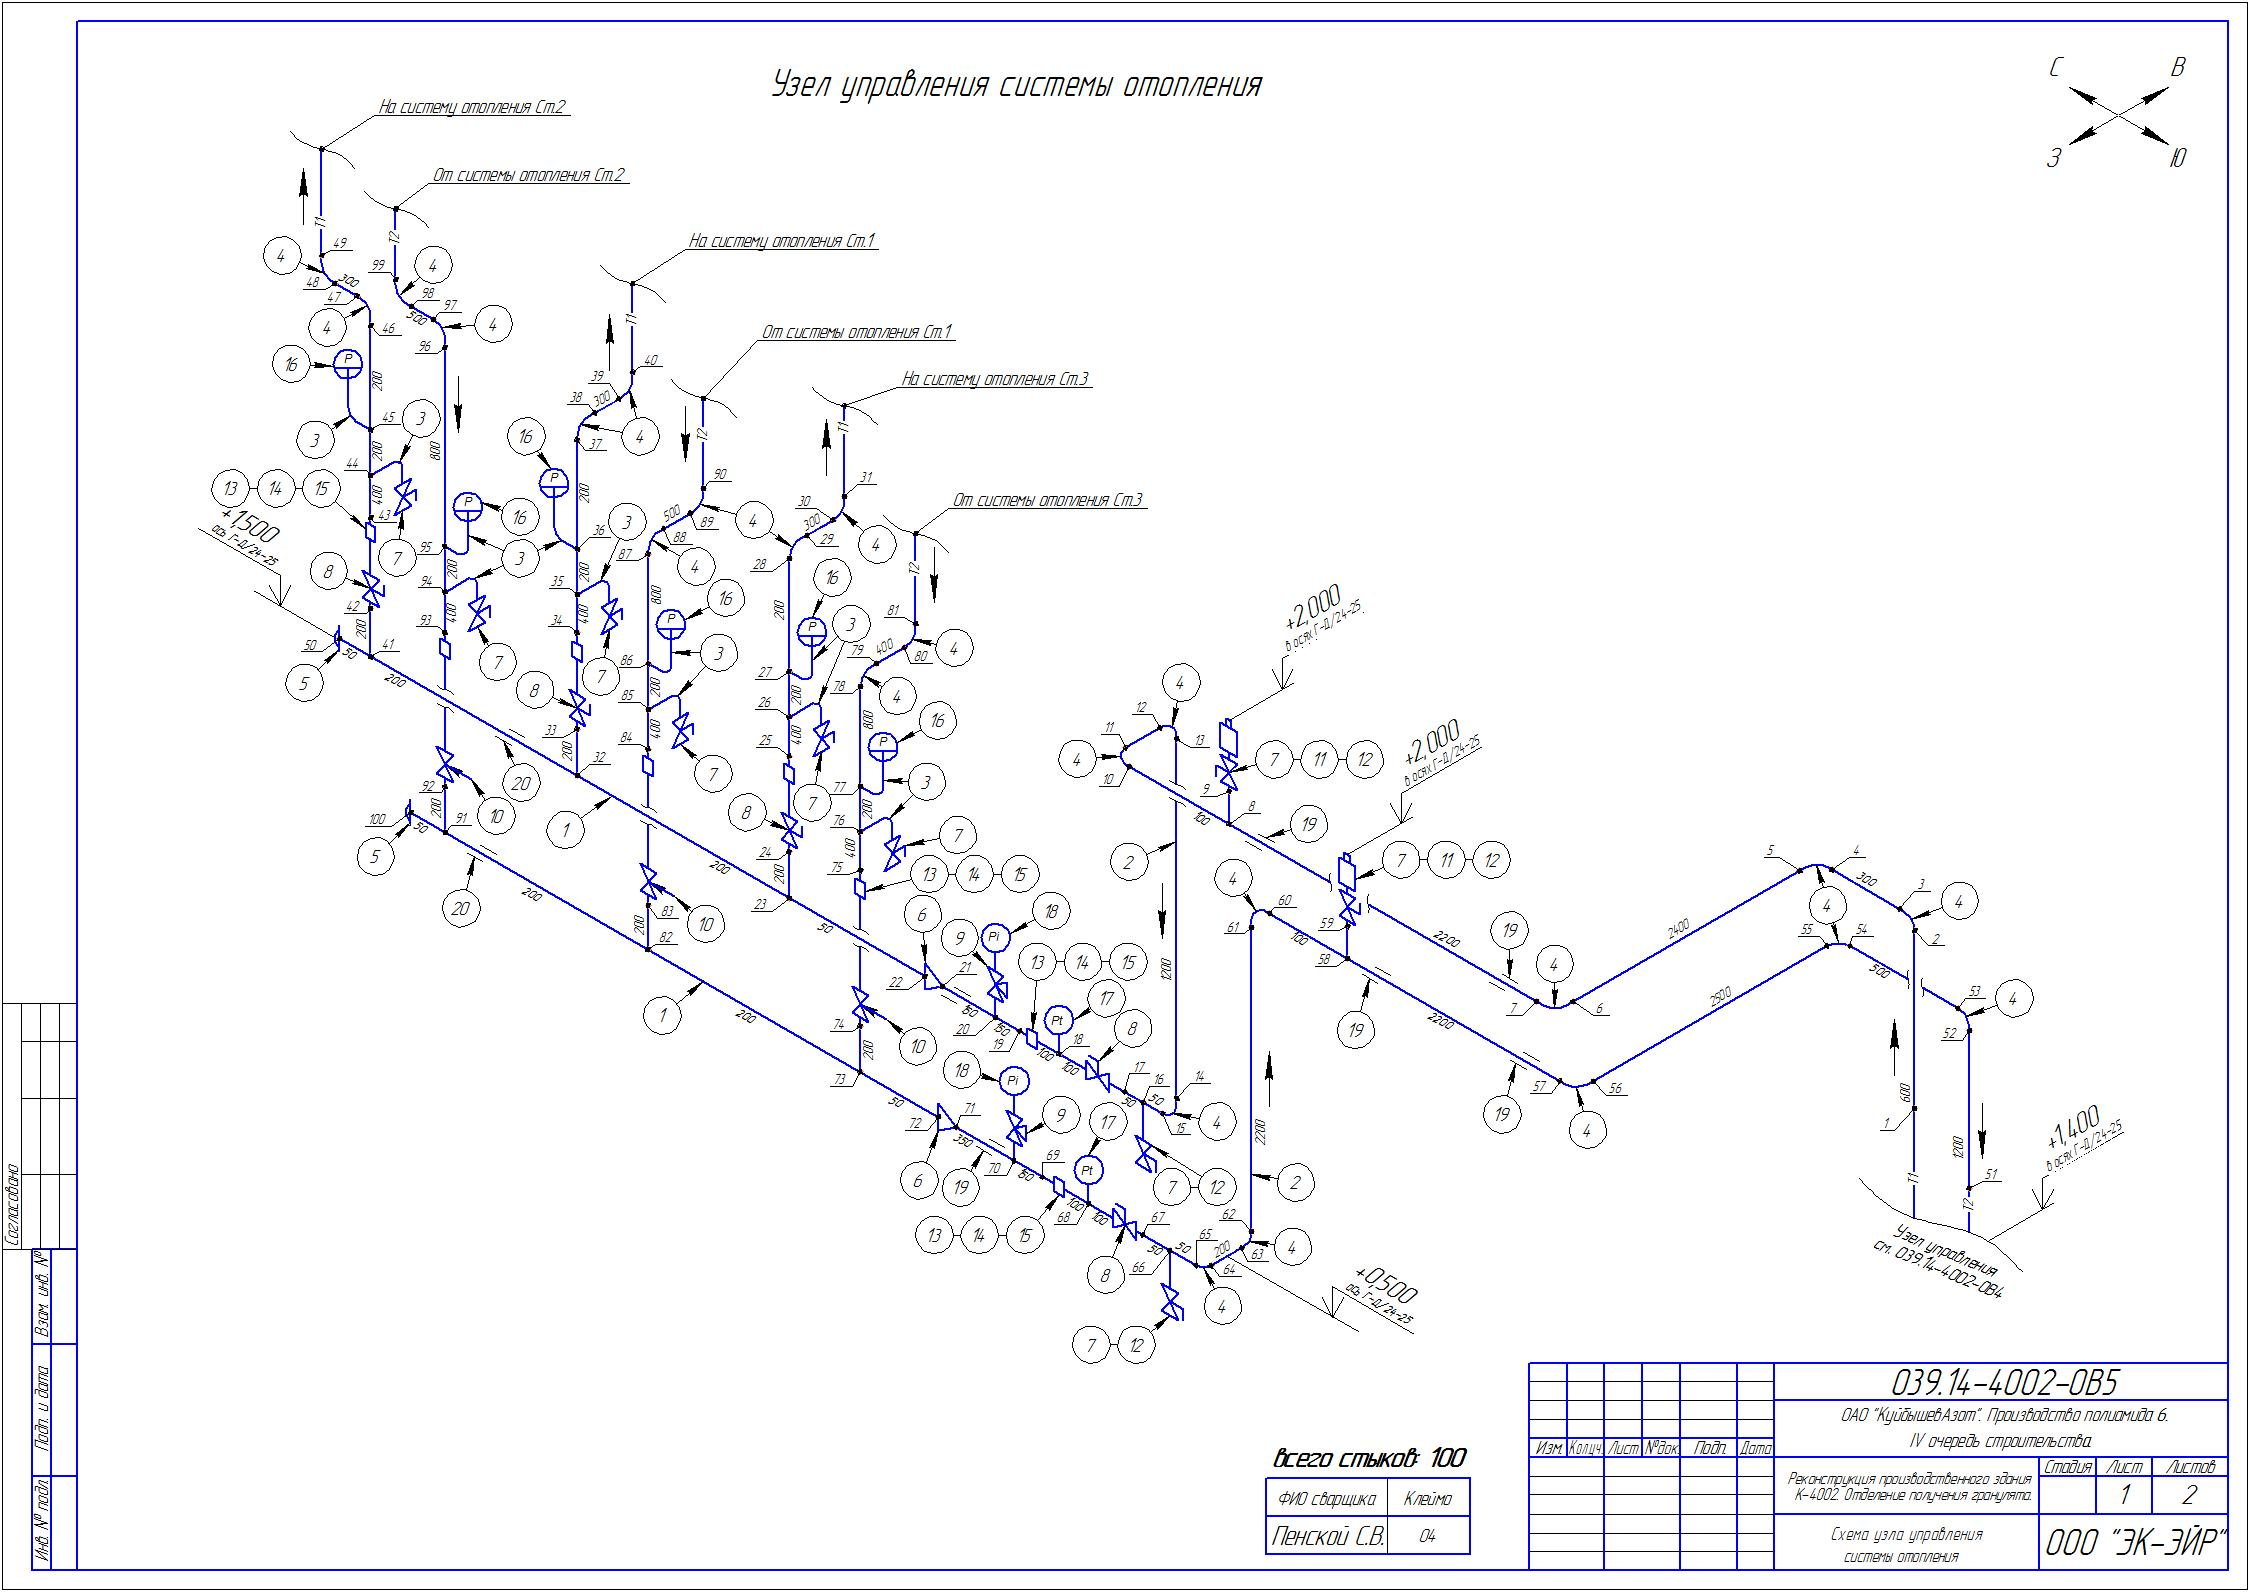 узел управления отопления полиамид(1)